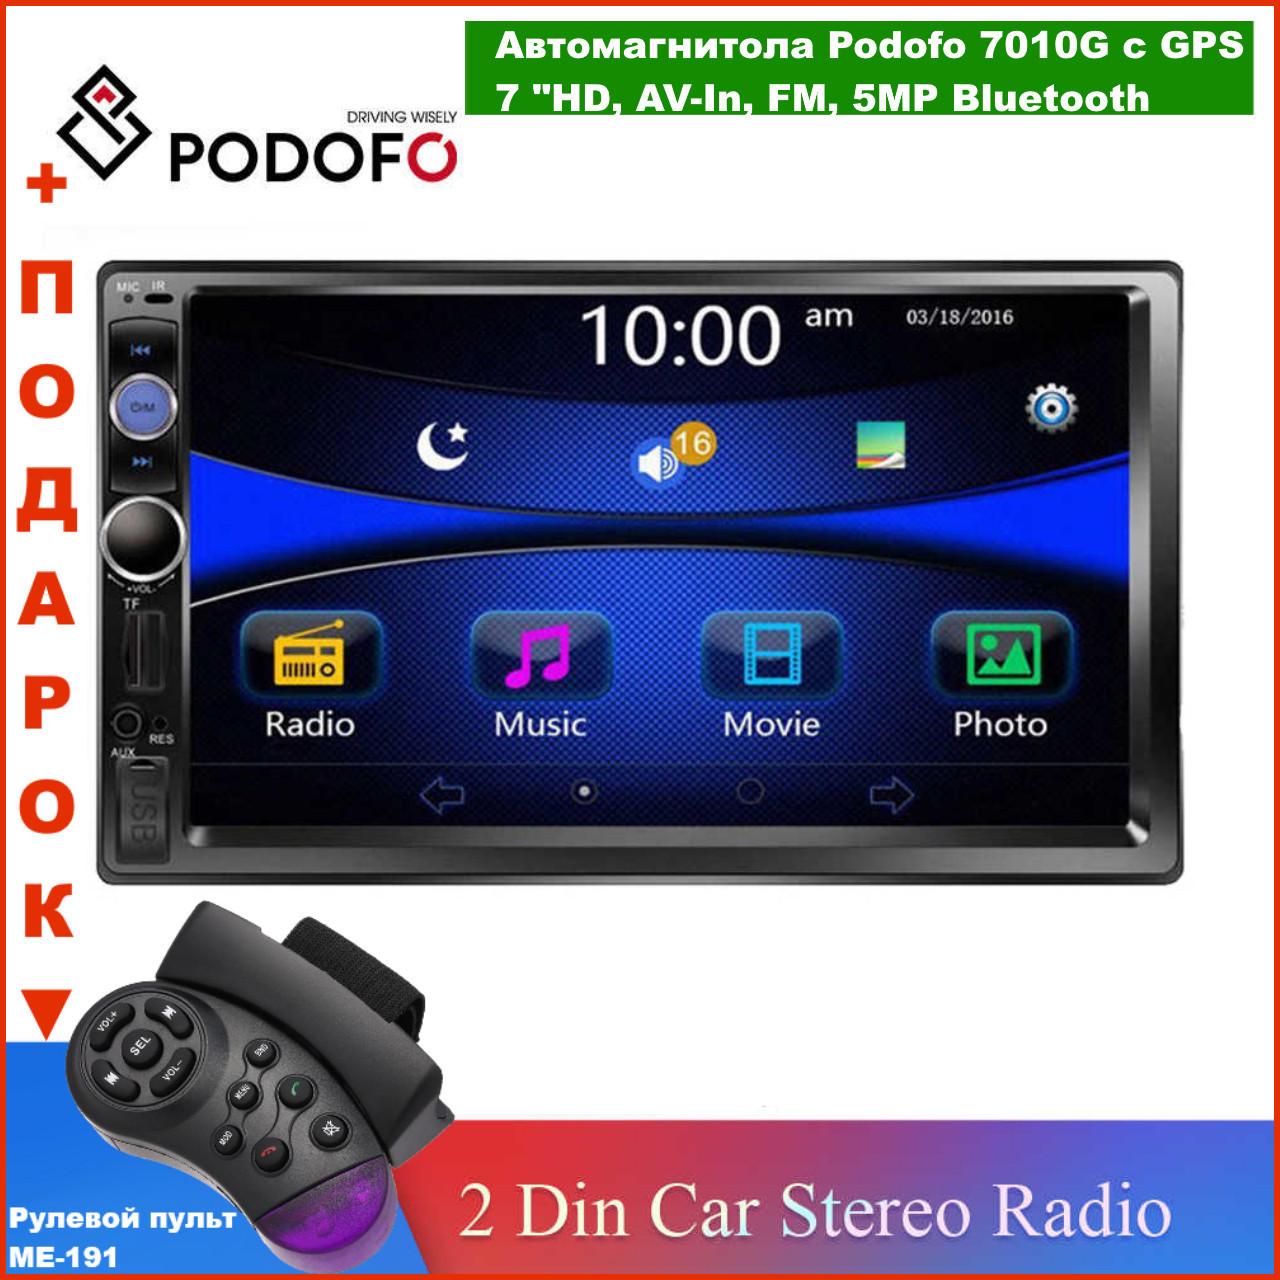 """Автомагнитола Podofo 2 din 7010G с GPS мультимедийный плеер 7 """"HD сенсорный экран, AV-In, стерео 5MP Bluetooth"""